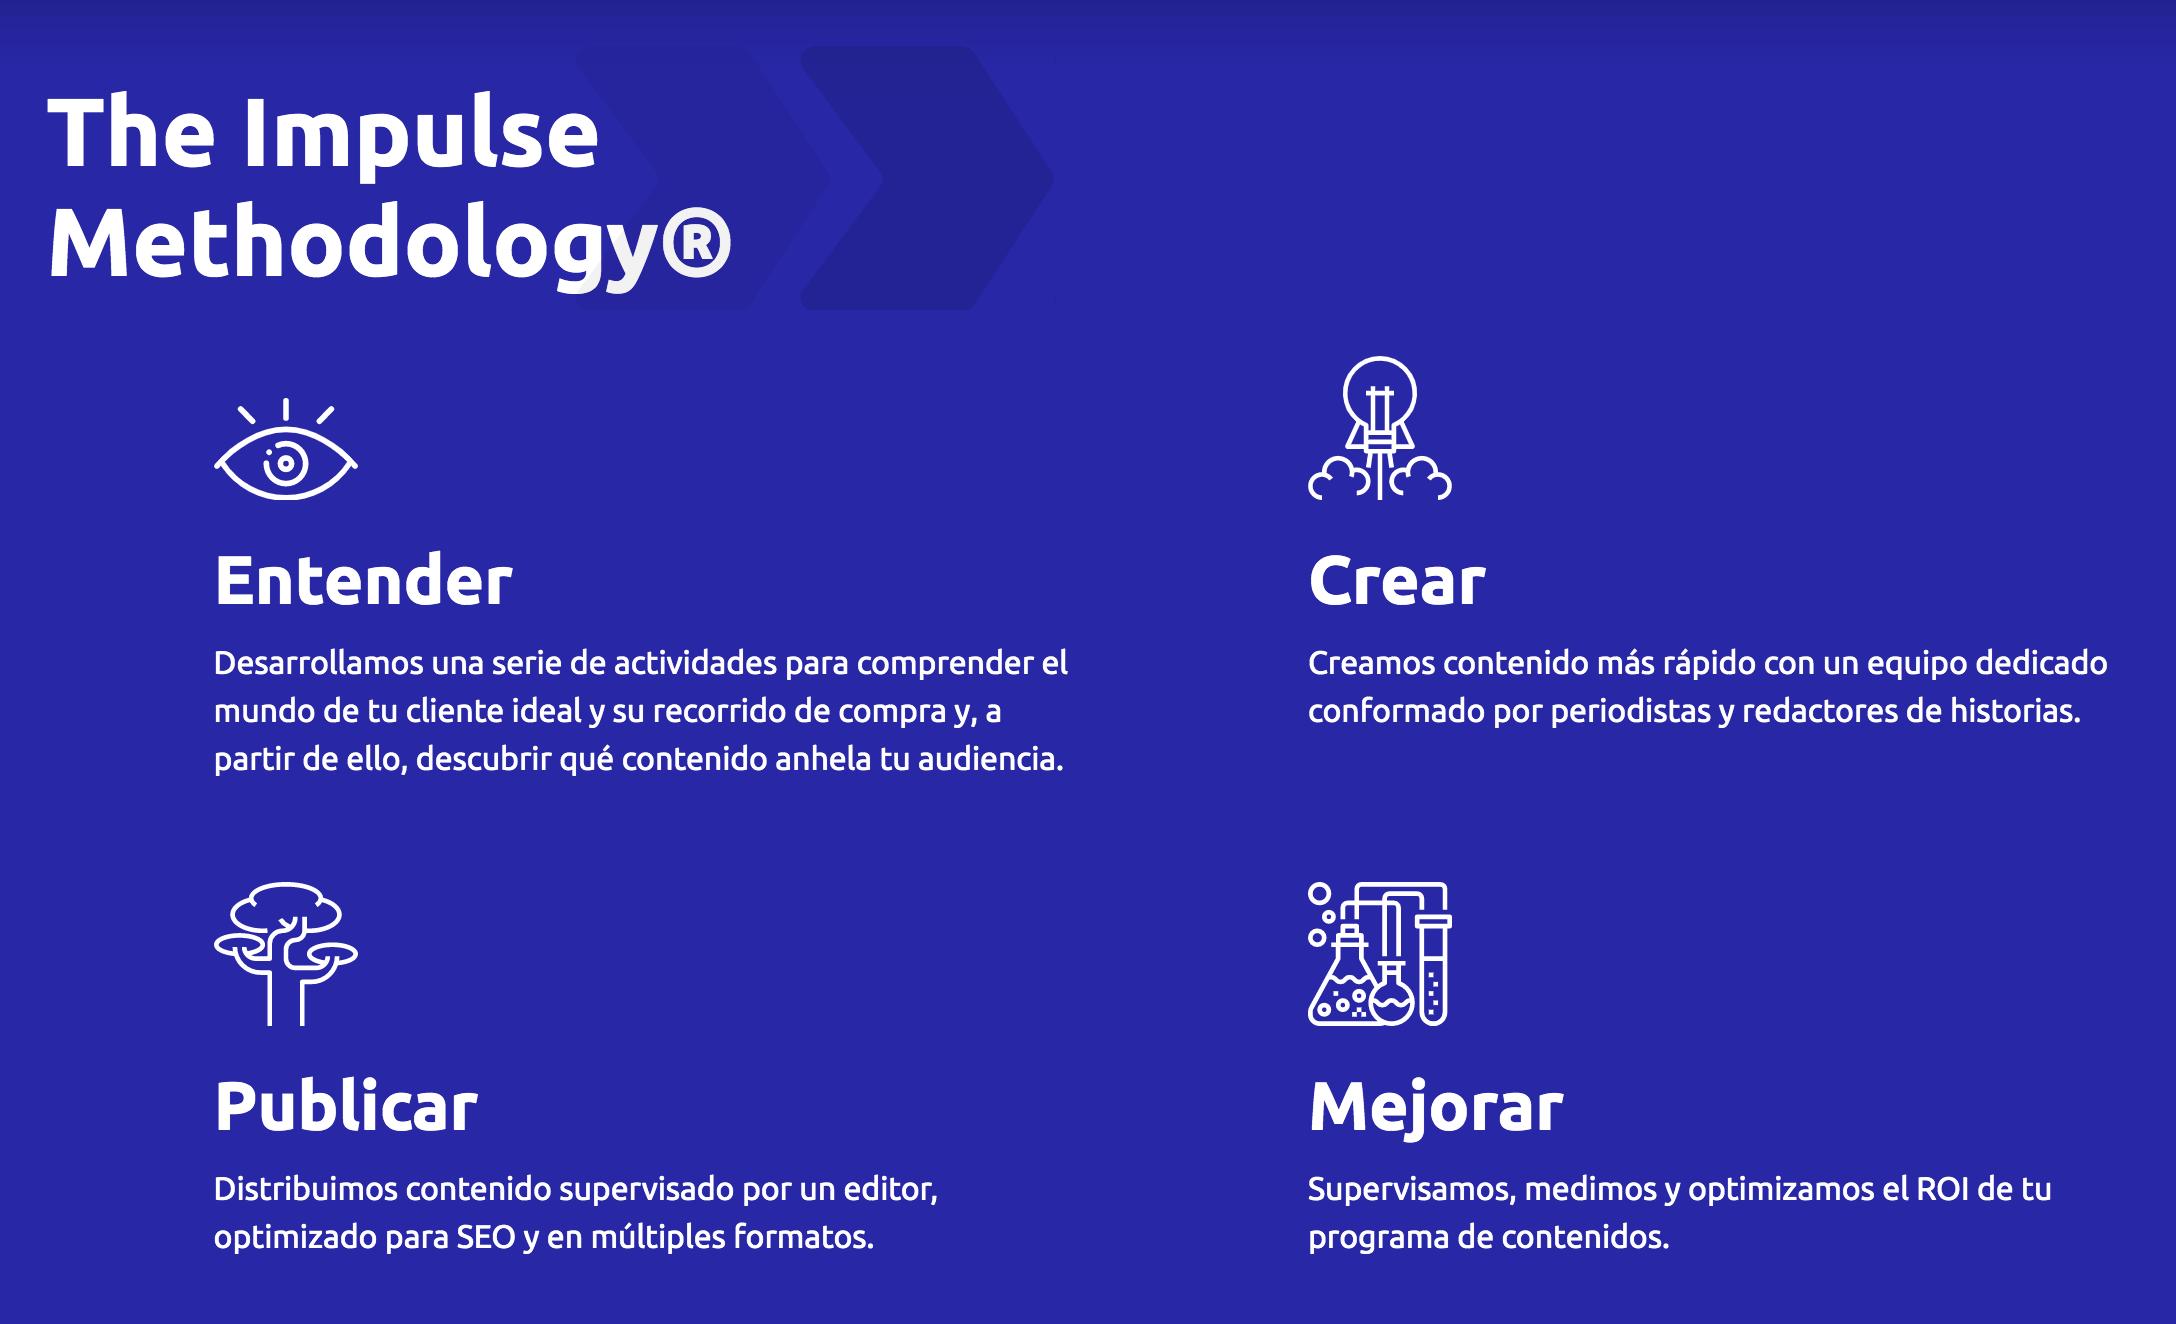 Metodología Impulse para Marketing de Contenidos